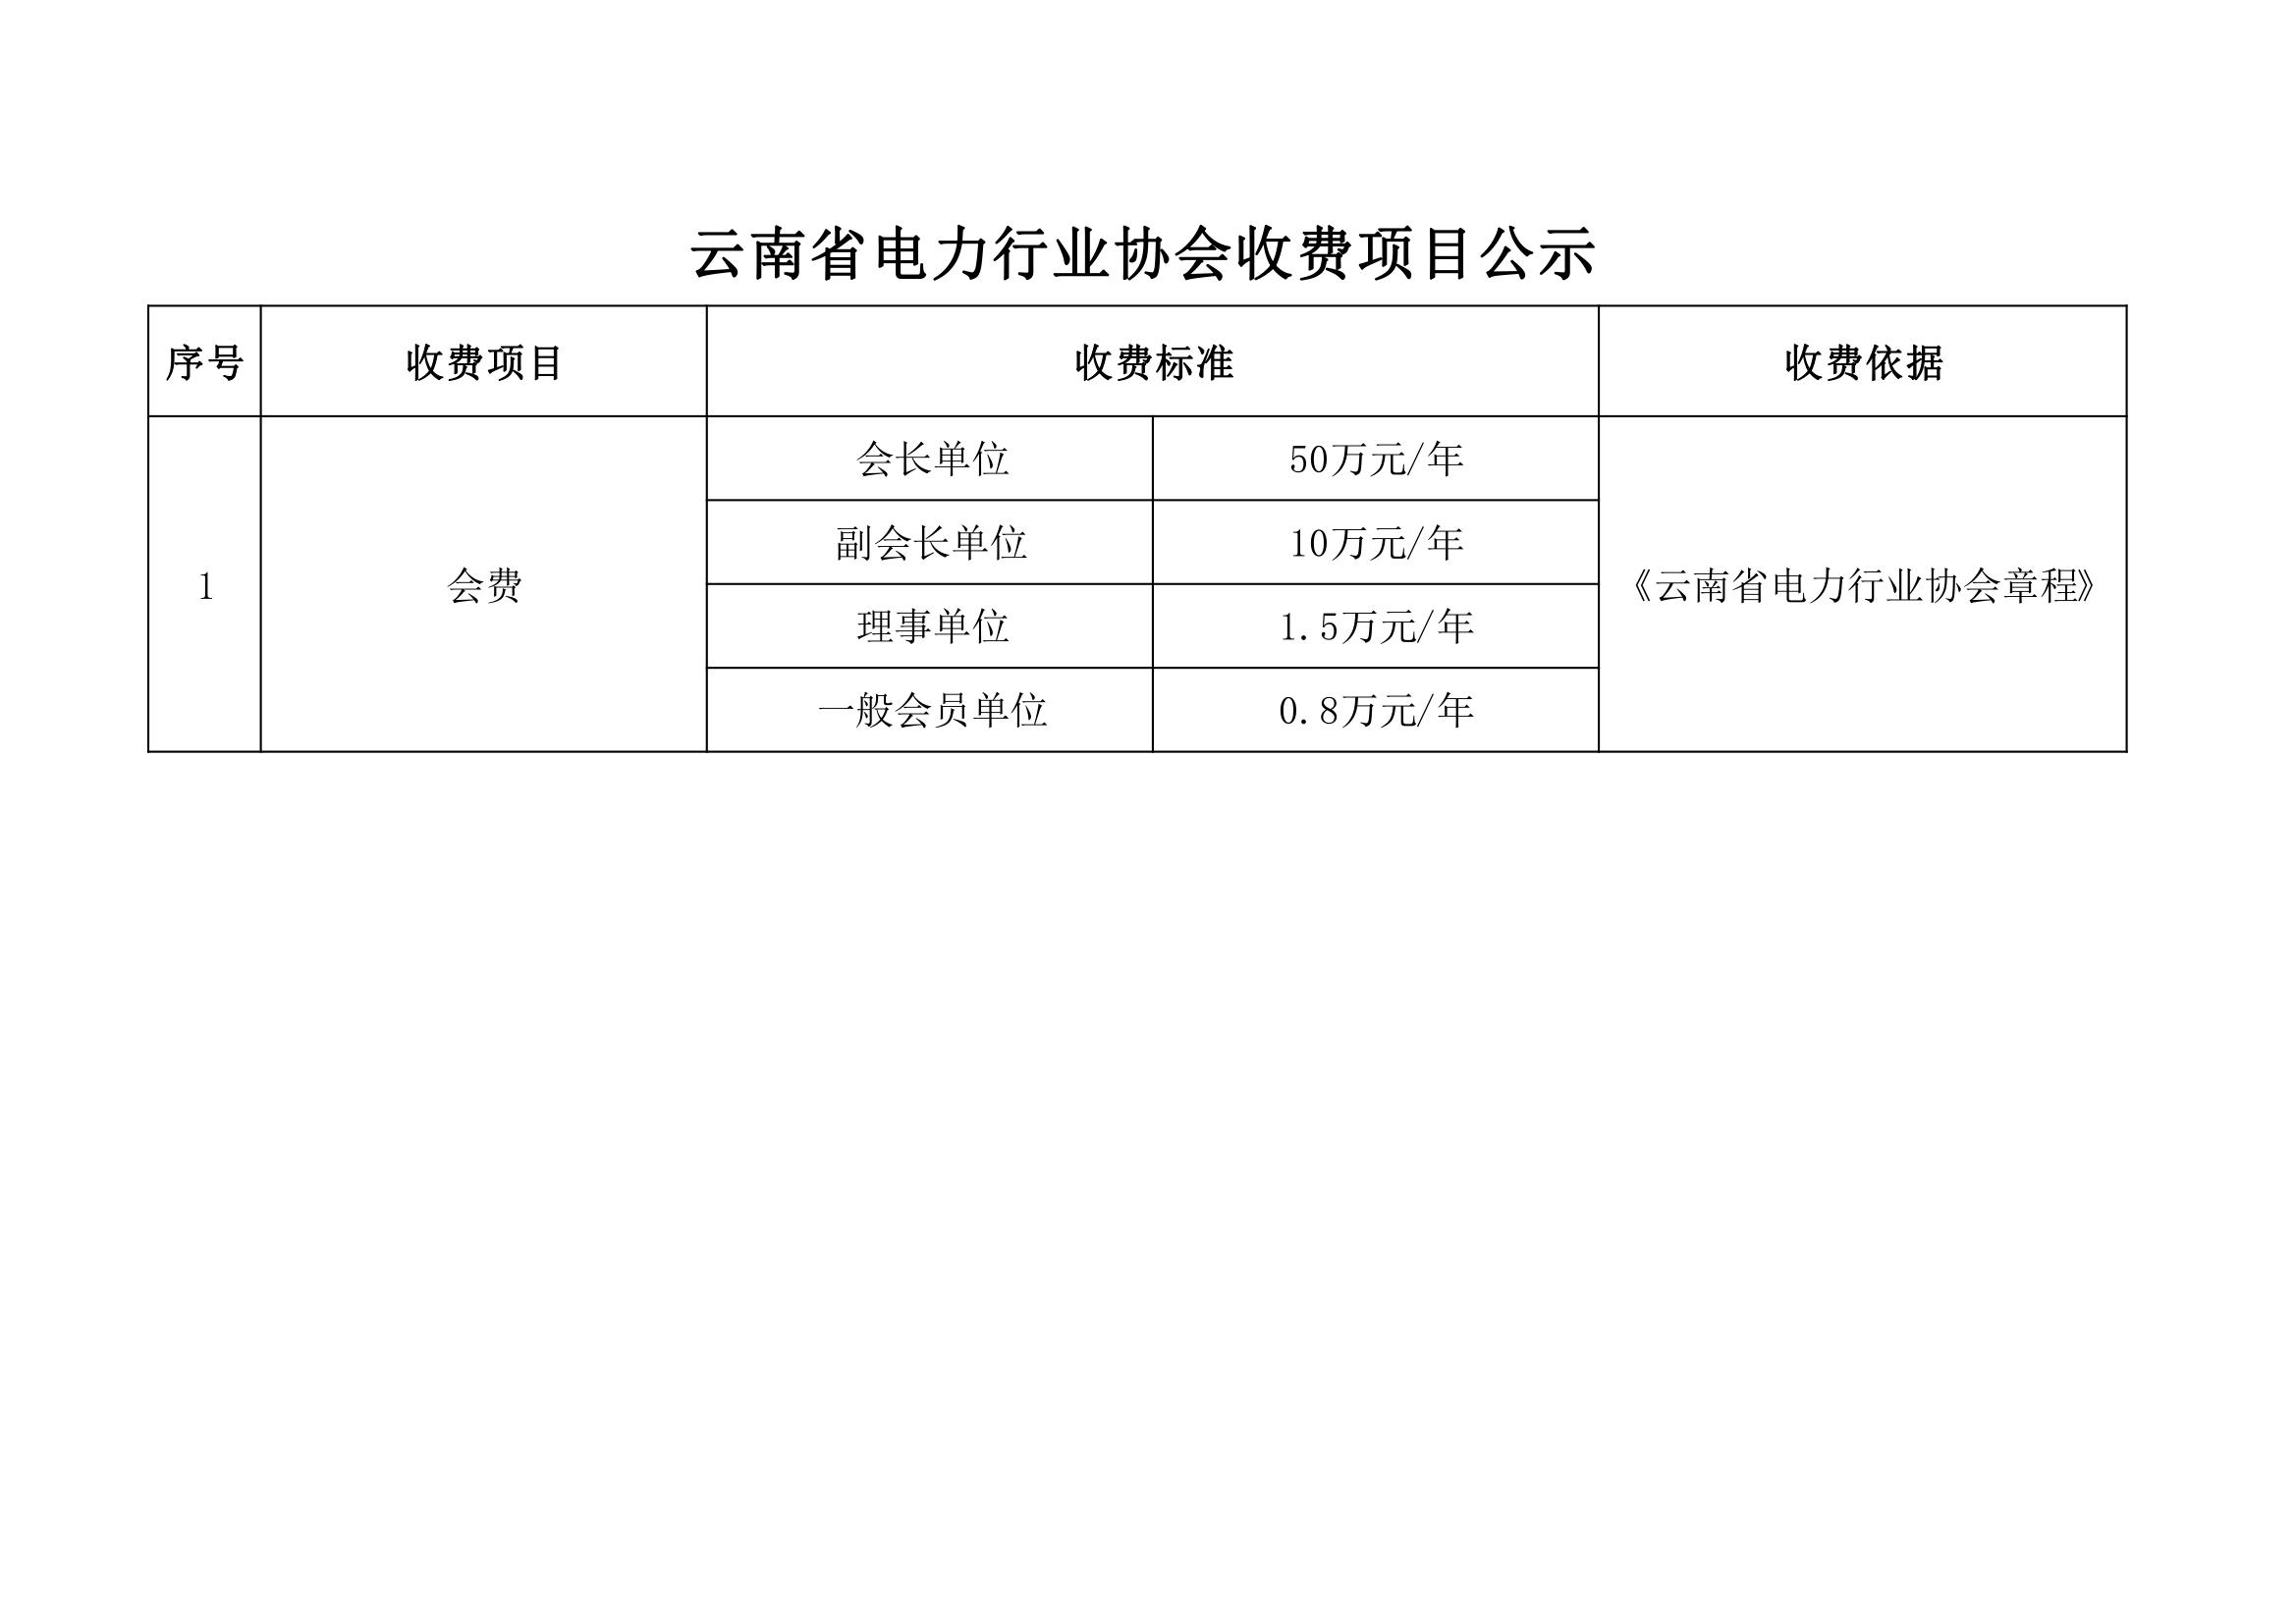 云南省电力行业协会收费项目公示_1.png